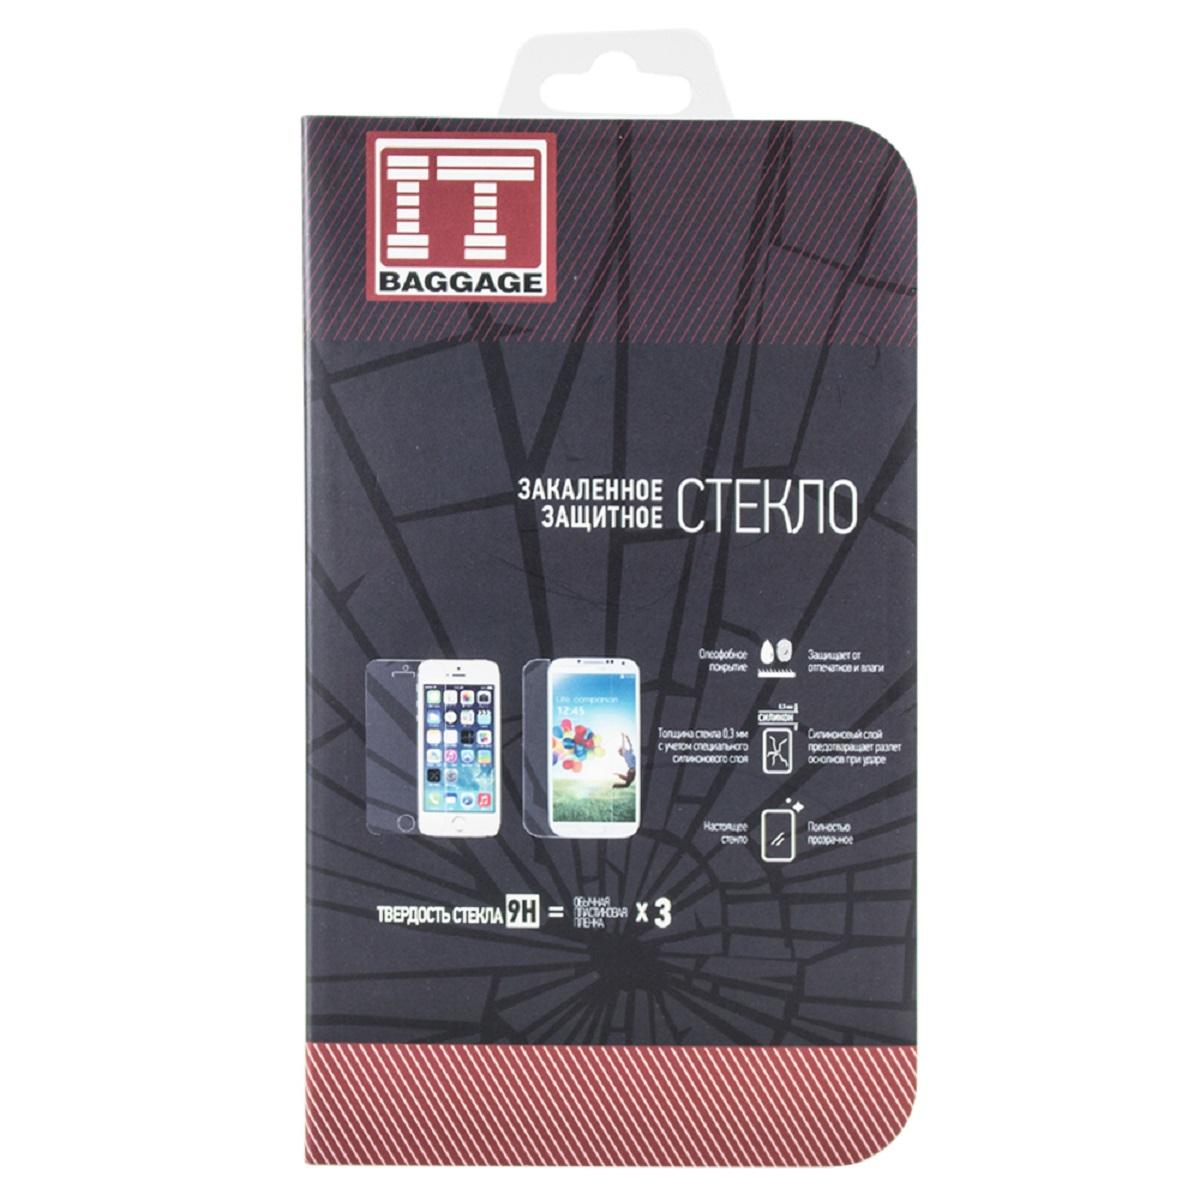 IT Baggage защитное стекло для Huawei Y5CITHWY5CGЗакаленное стекло IT Baggage для Huawei Y5C - это самый верный способ защитить экран от повреждений и загрязнений. Обладает высочайшим уровнем прозрачности и совершенно не влияет на отклик экранного сенсора и качество изображения. Препятствует появлению отпечатков и пятен. Удалить следы жира и косметики с поверхности аксессуара не составить ни какого труда.Характеристики защитного стекла делают его износостойким к таким механическим повреждениям, как царапины, сколы, потертости. При сильном ударе разбившееся стекло не разлетается на осколки, предохраняя вас от порезов, а экран устройства от повреждений.После снятия защитного стекла с поверхности дисплея, на нем не остаются повреждения, такие как потертости и царапины.